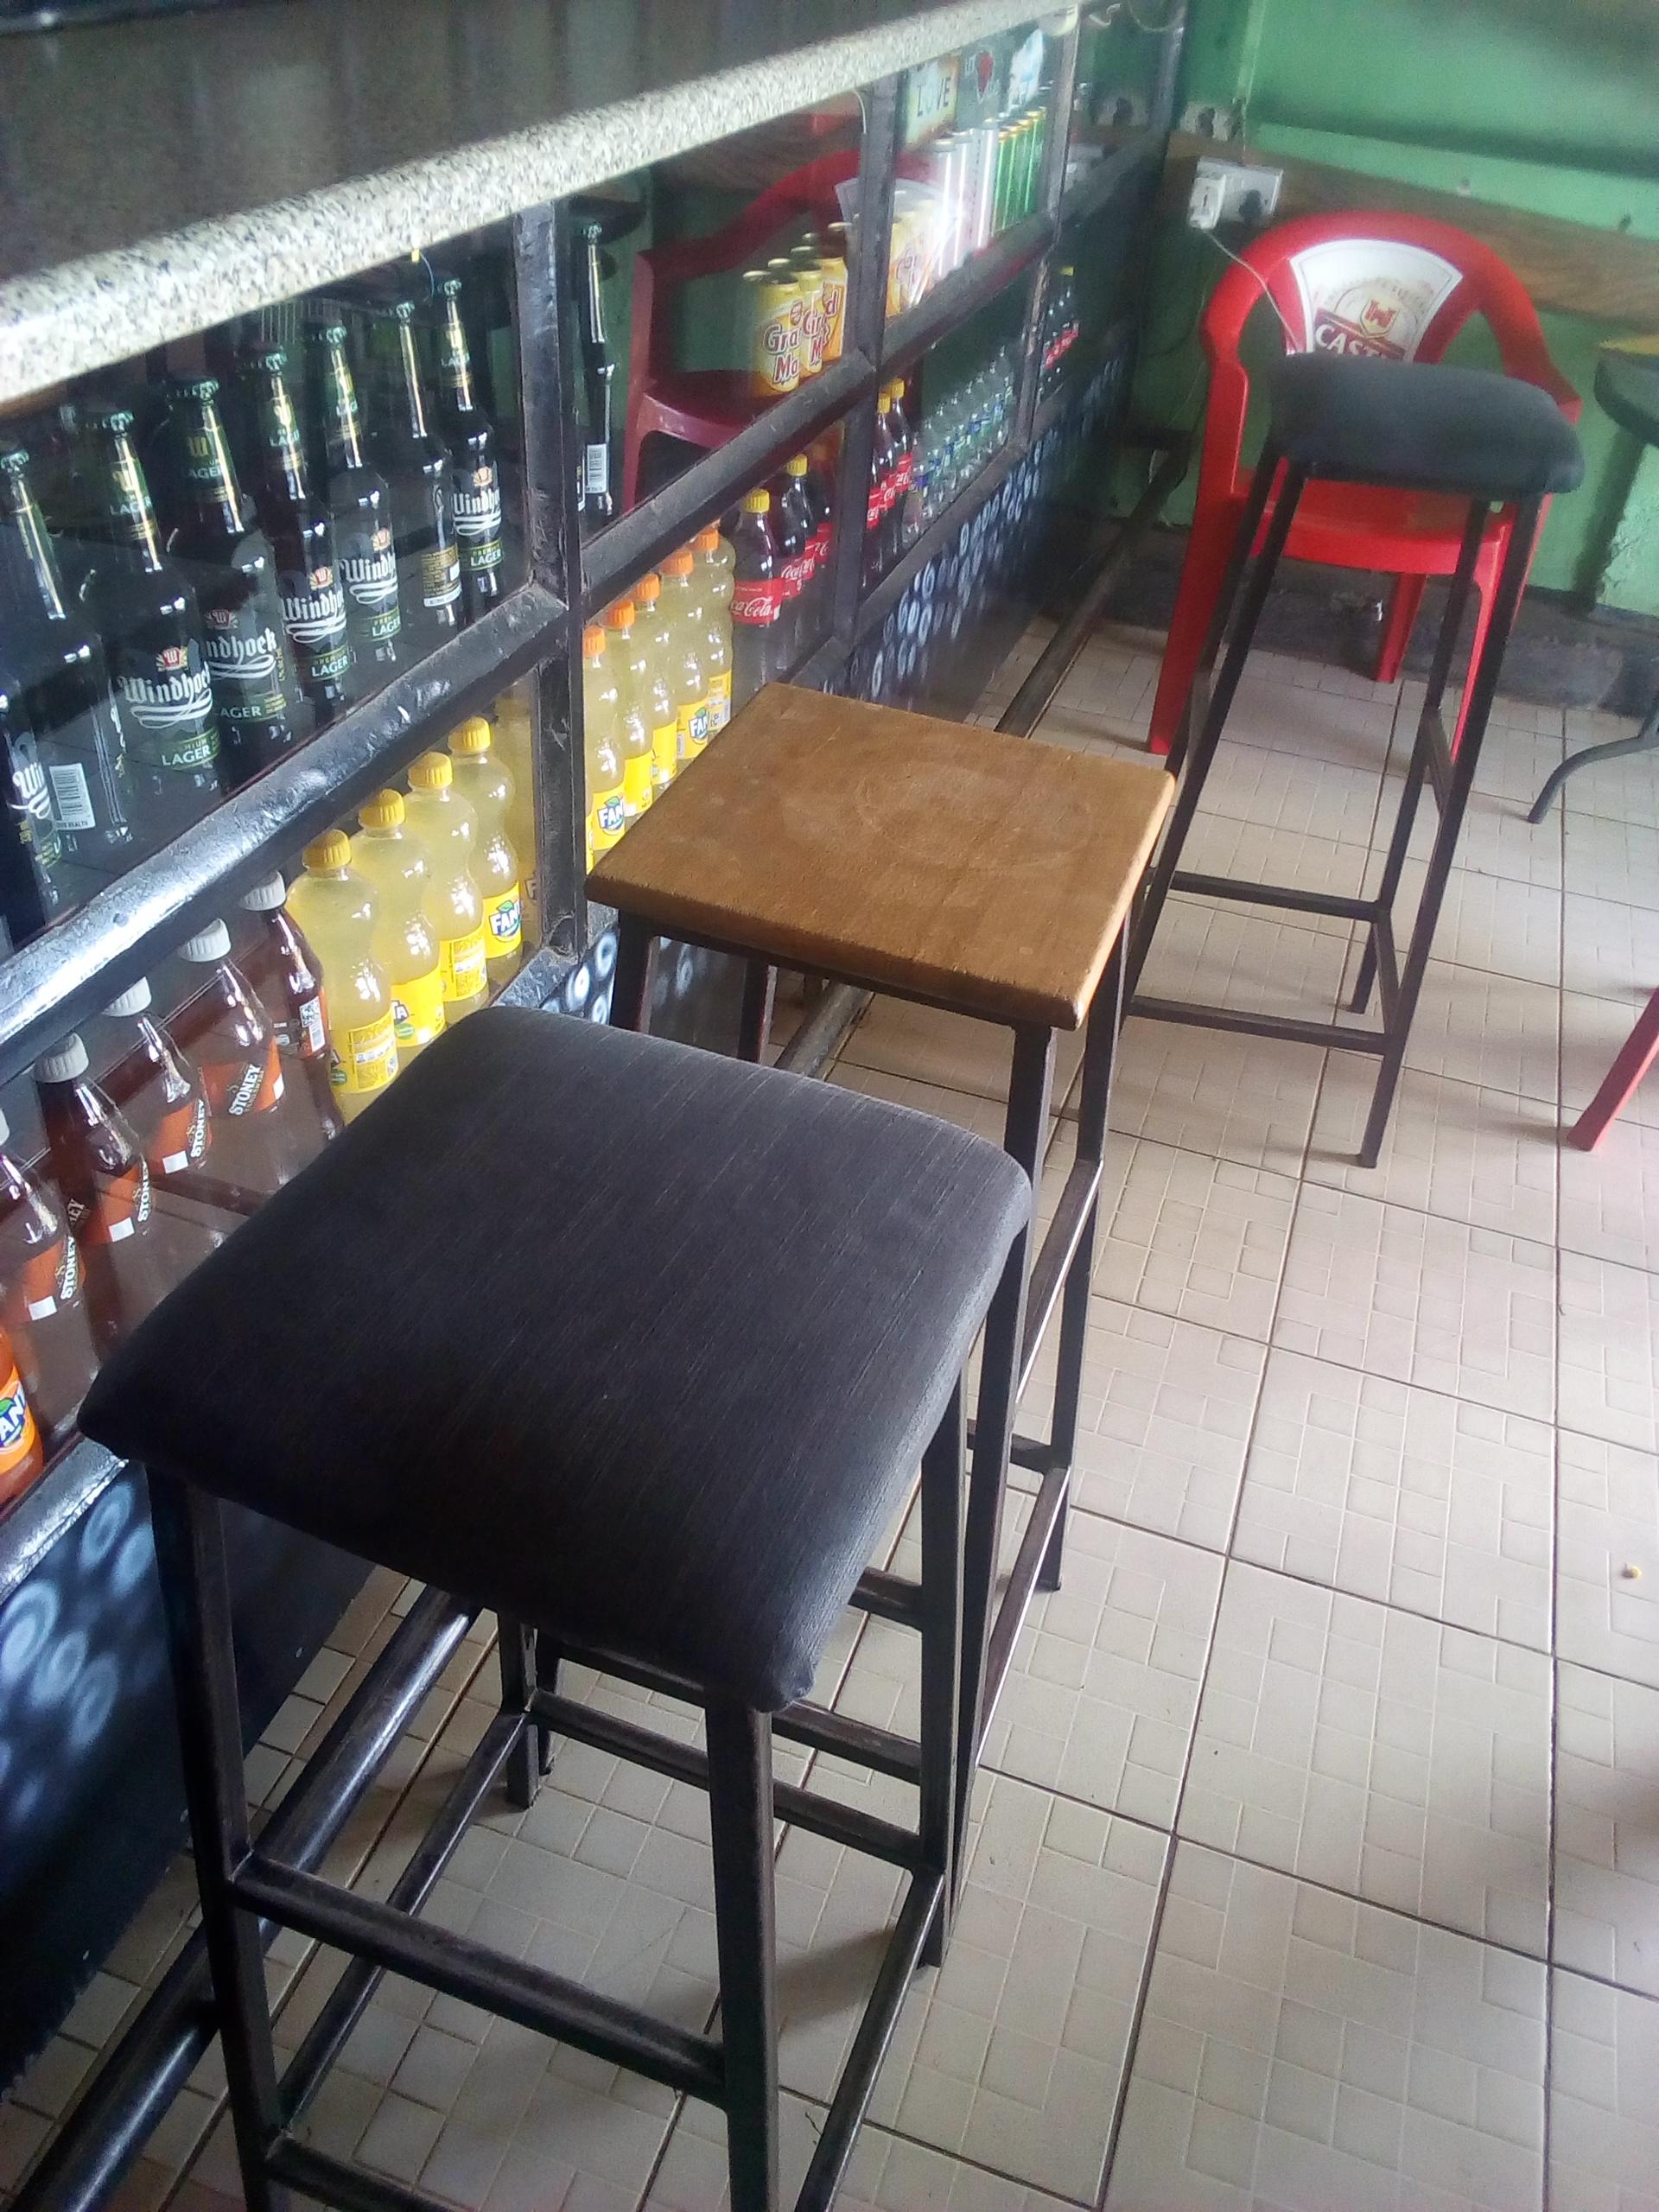 Welcome eppar bar moshi mjini kiusa street barabara ya benbella